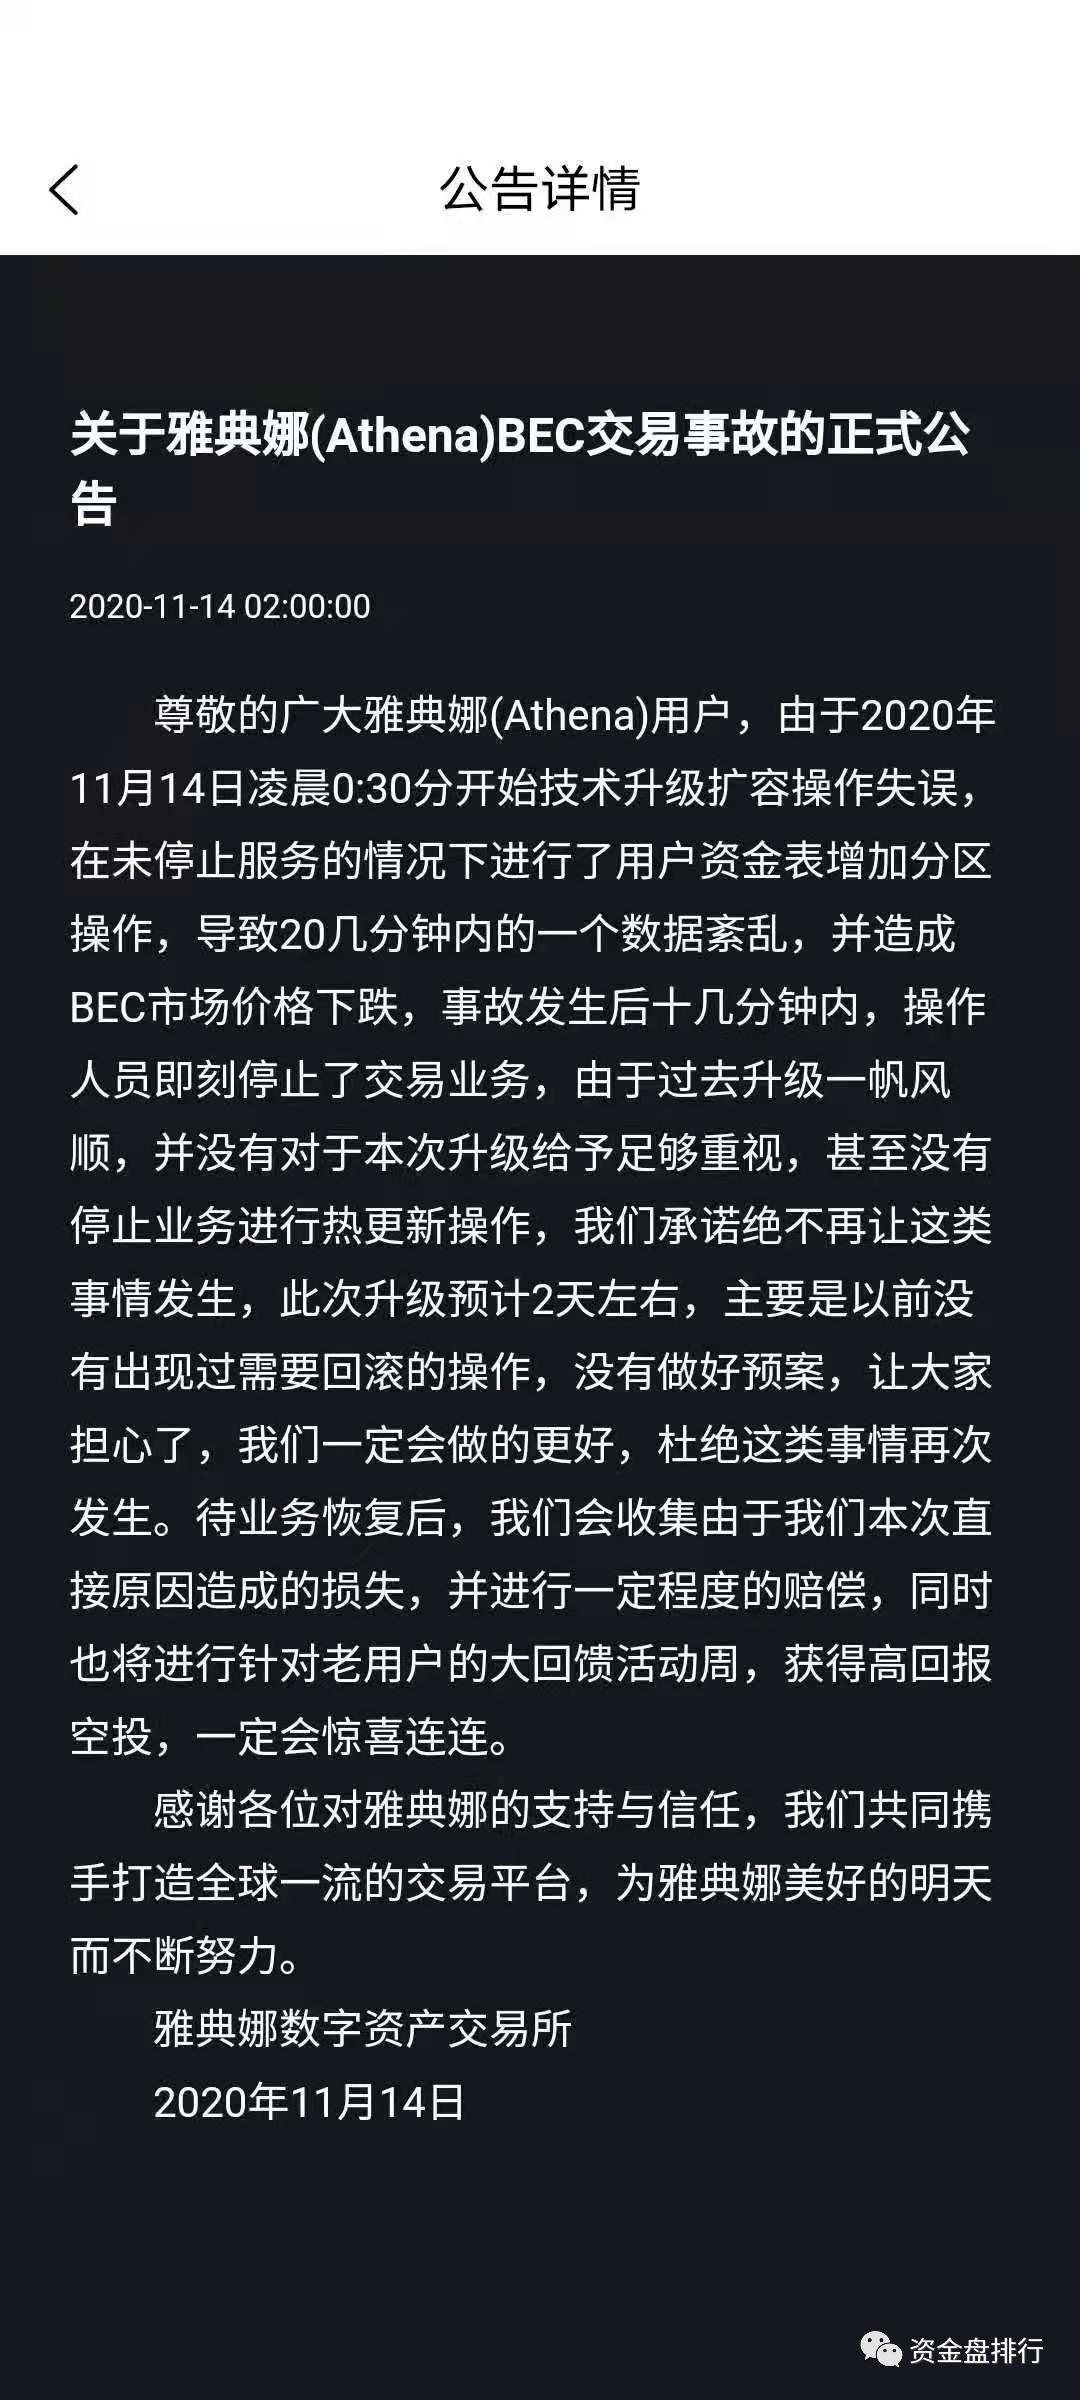 曝光| 雅典娜云矿机交易所圈钱14亿美金,已有跑路苗头!!!-区块链315